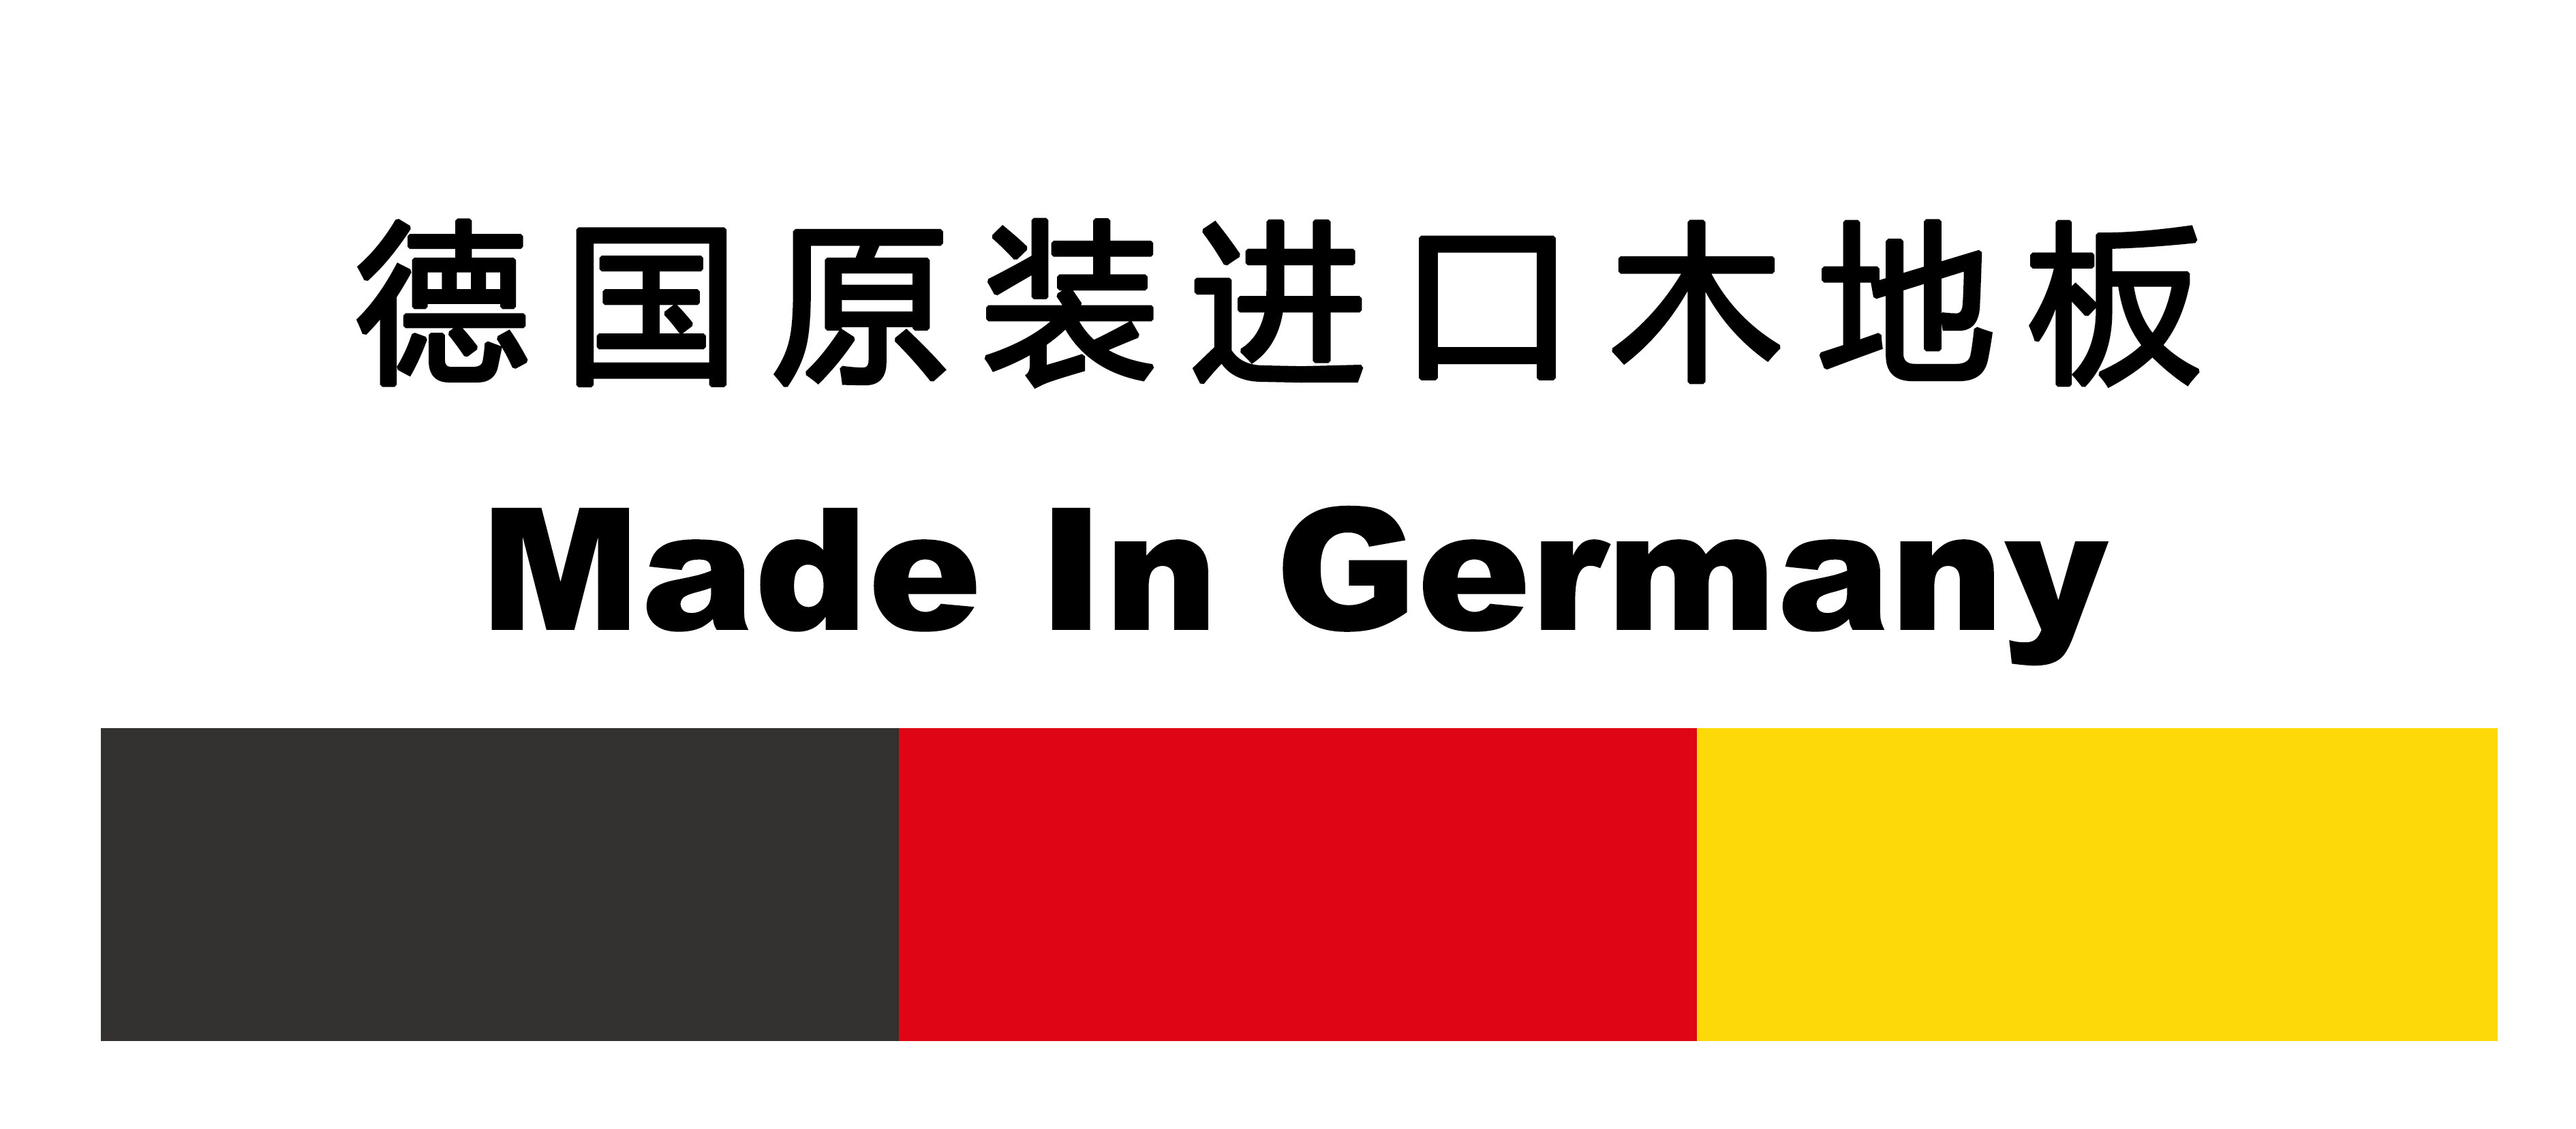 00德国进口.jpg